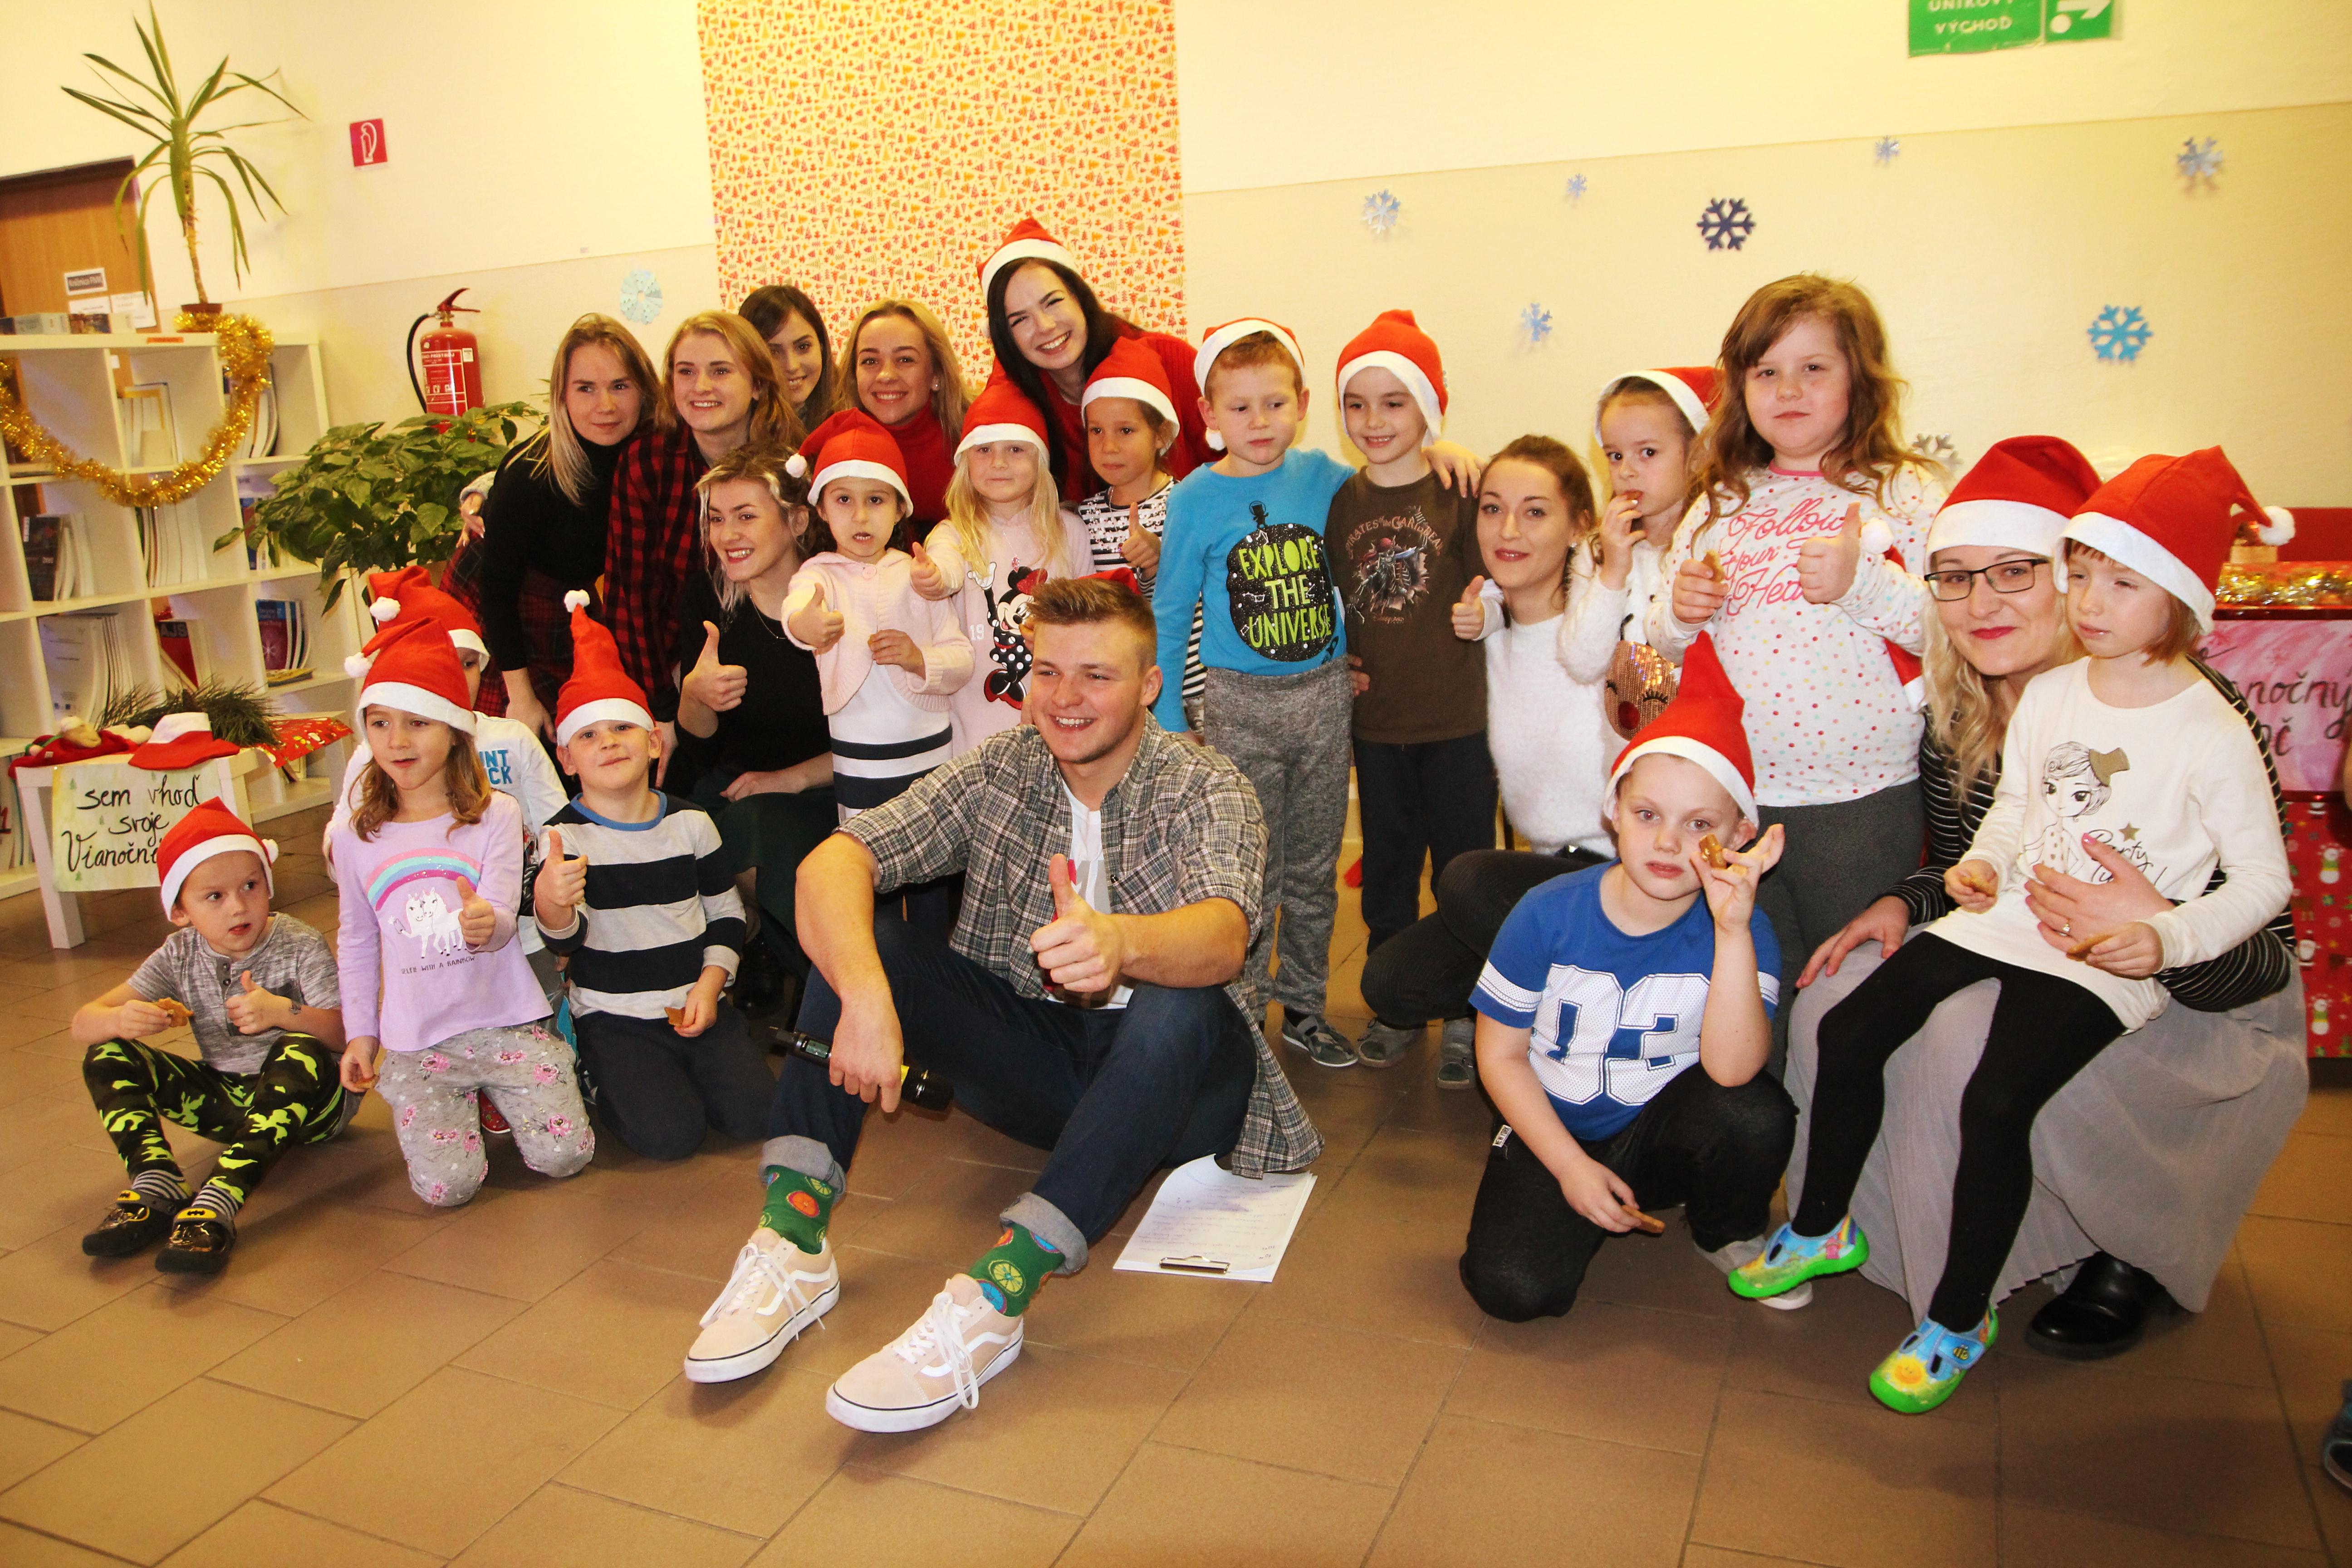 Vianočný event slávnostne otvorili deti z Materskej škôlky v Jame, ktoré svojimi piesňami a spevom očarili nejedného účastníka